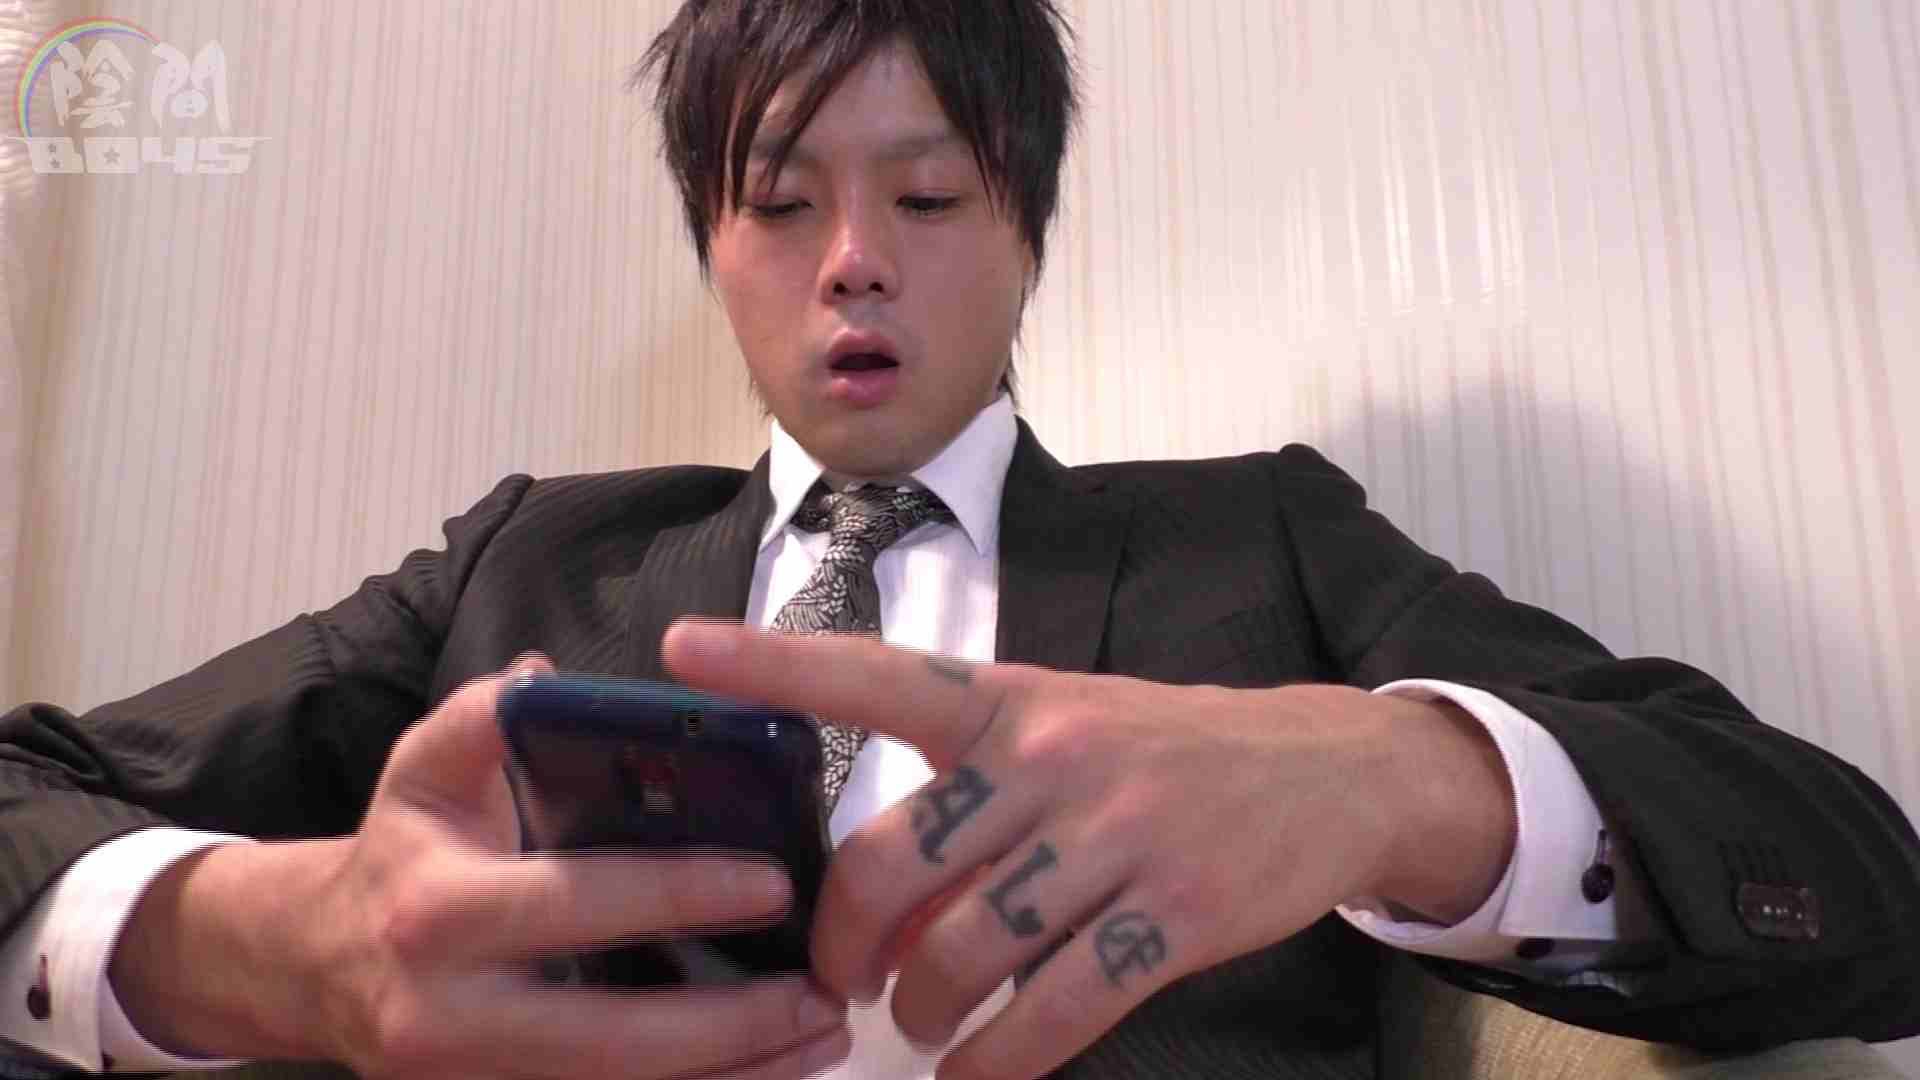 """キャバクラの仕事は""""アナル""""から1 Vol.01 ゲイ悪戯 ゲイアダルトビデオ画像 86pic 75"""